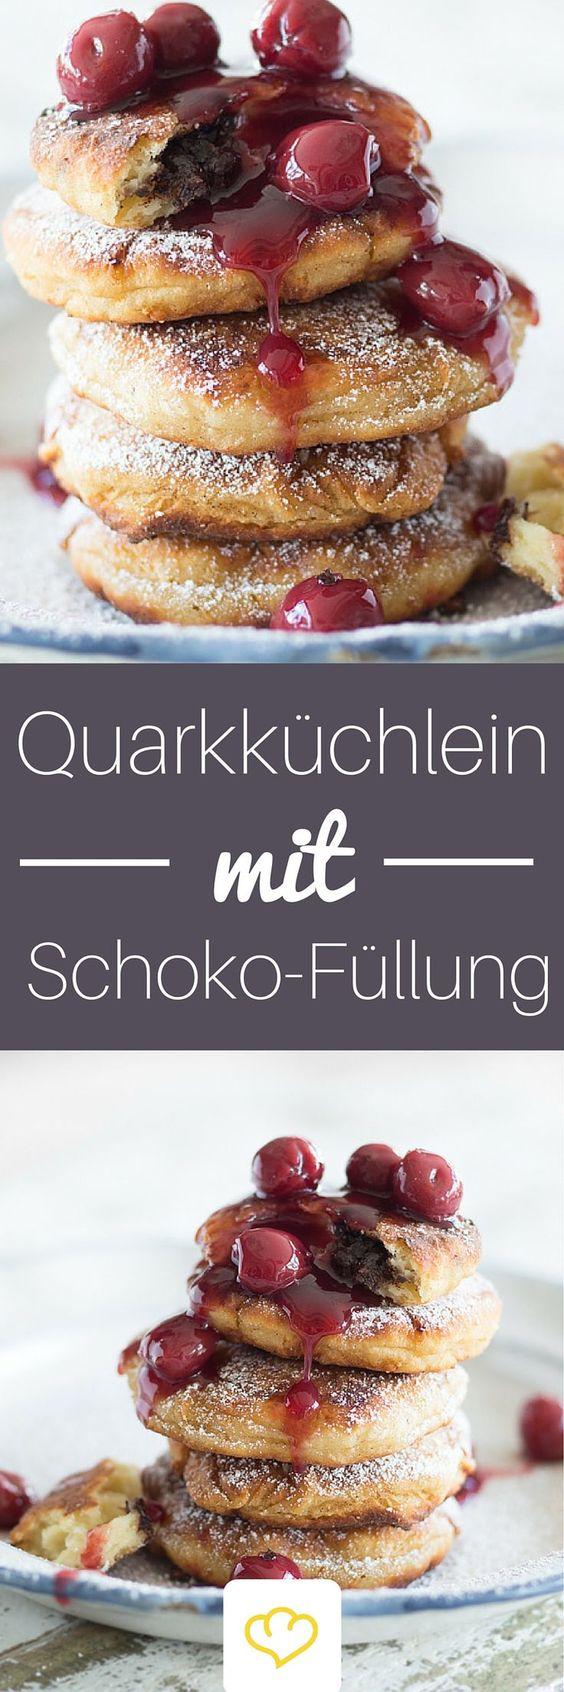 Quarkpfannküchlein mit Schokoladenherz - und ja es ist wahr: Schokolade verändert alles. Sie macht diese kleinen Pfannküchlein zu Superstars! Von dem fluffigen Quarkteig wollen wir gar nicht erst anfangen!: